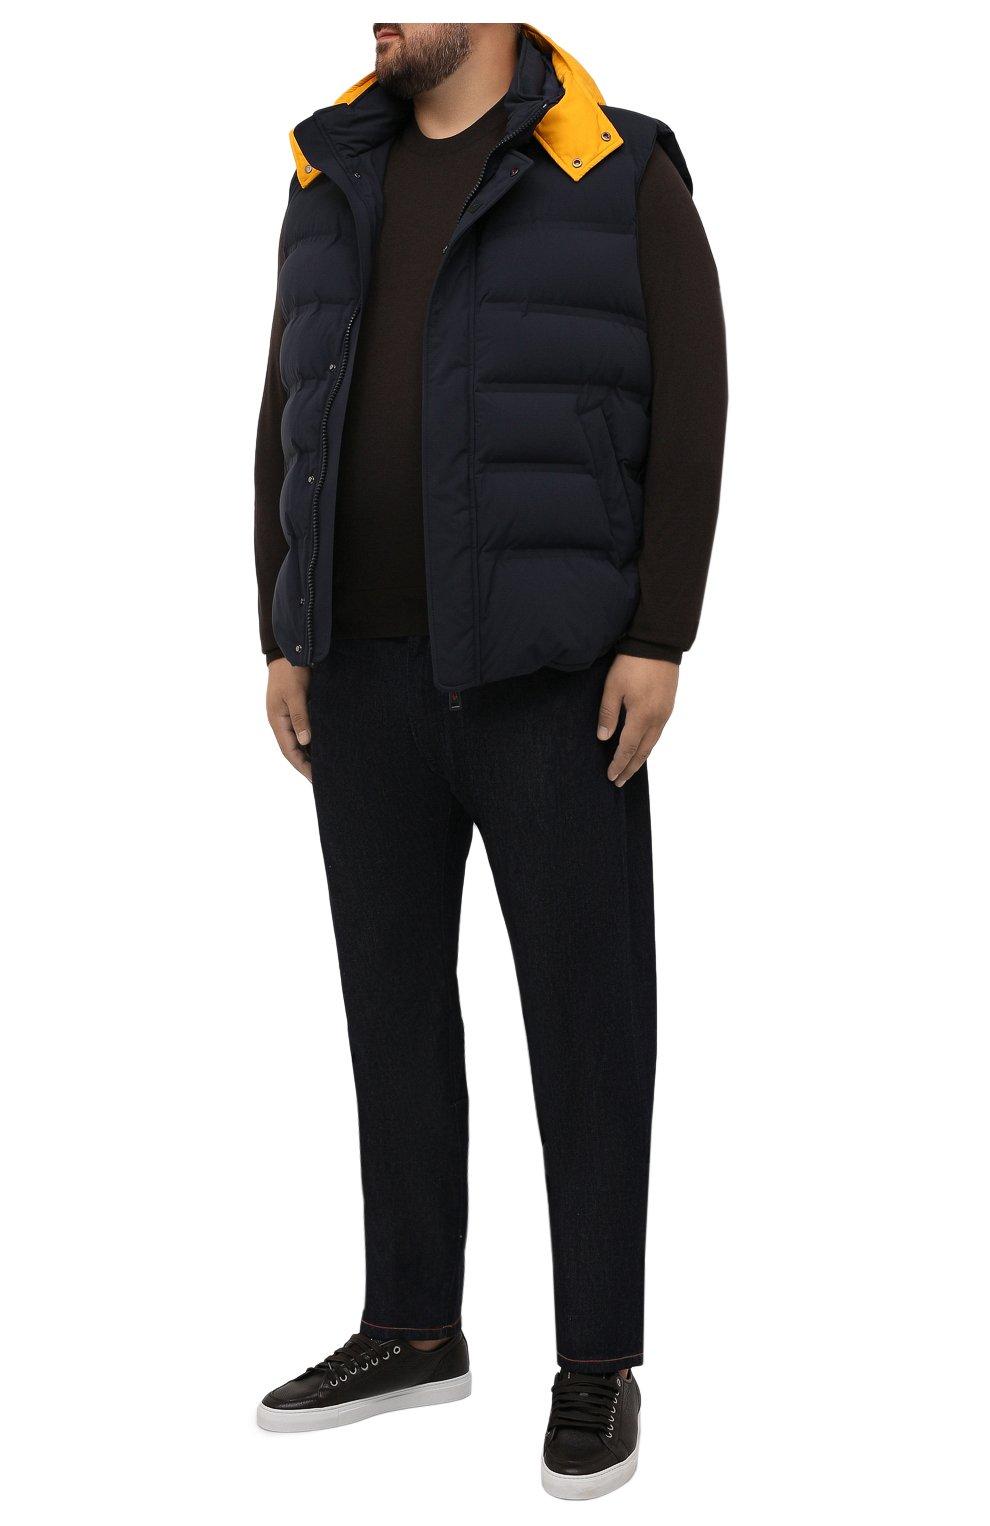 Мужской пуховый жилет KIRED темно-синего цвета, арт. WBREMAW6806523002/62-74 | Фото 2 (Кросс-КТ: Куртка, Пуховик; Big sizes: Big Sizes; Материал внешний: Синтетический материал; Материал подклада: Синтетический материал; Длина (верхняя одежда): Короткие; Материал утеплителя: Пух и перо; Стили: Кэжуэл)